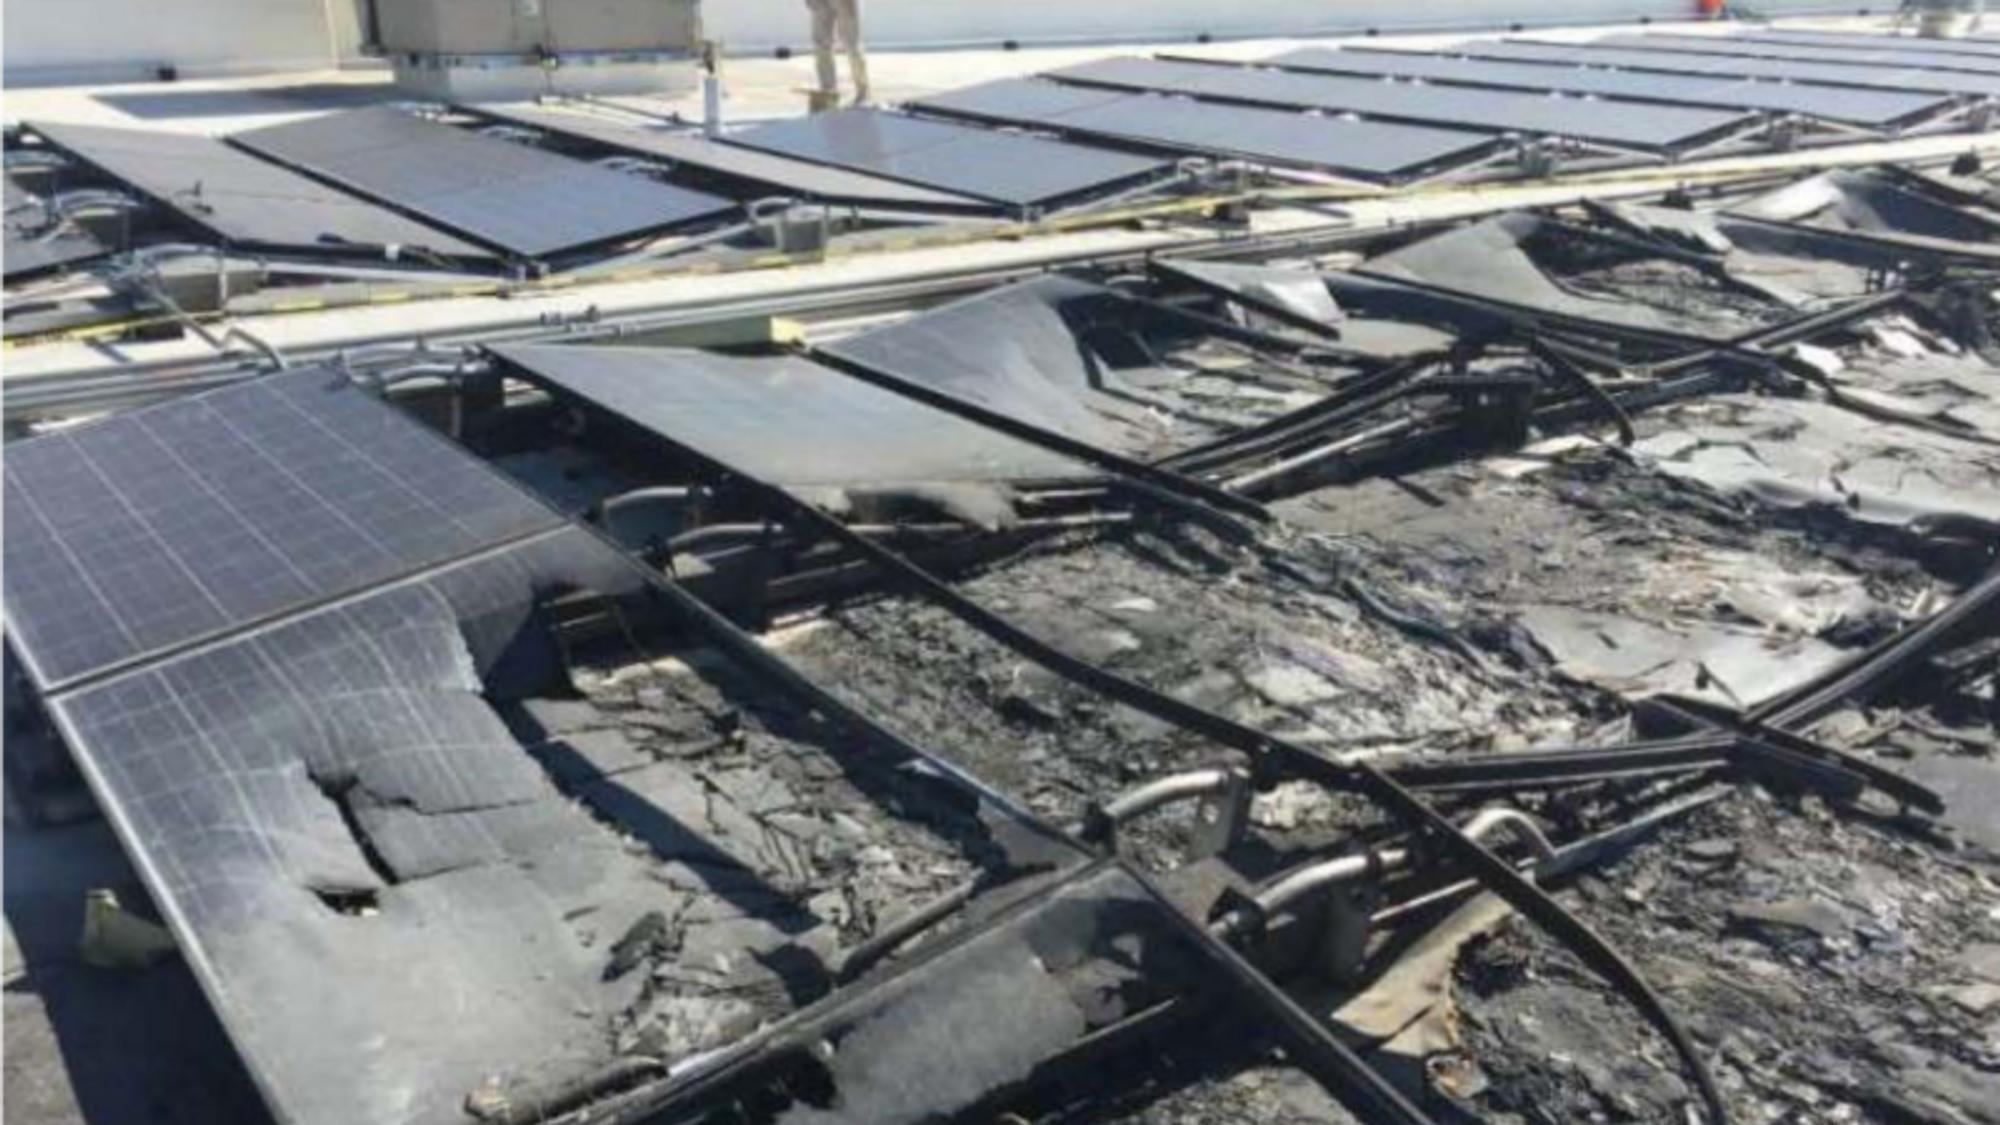 Et bilde hentet fra Walmarts søksmål viser forkullede solcellepaneler på taket av en Walmart-butikk.